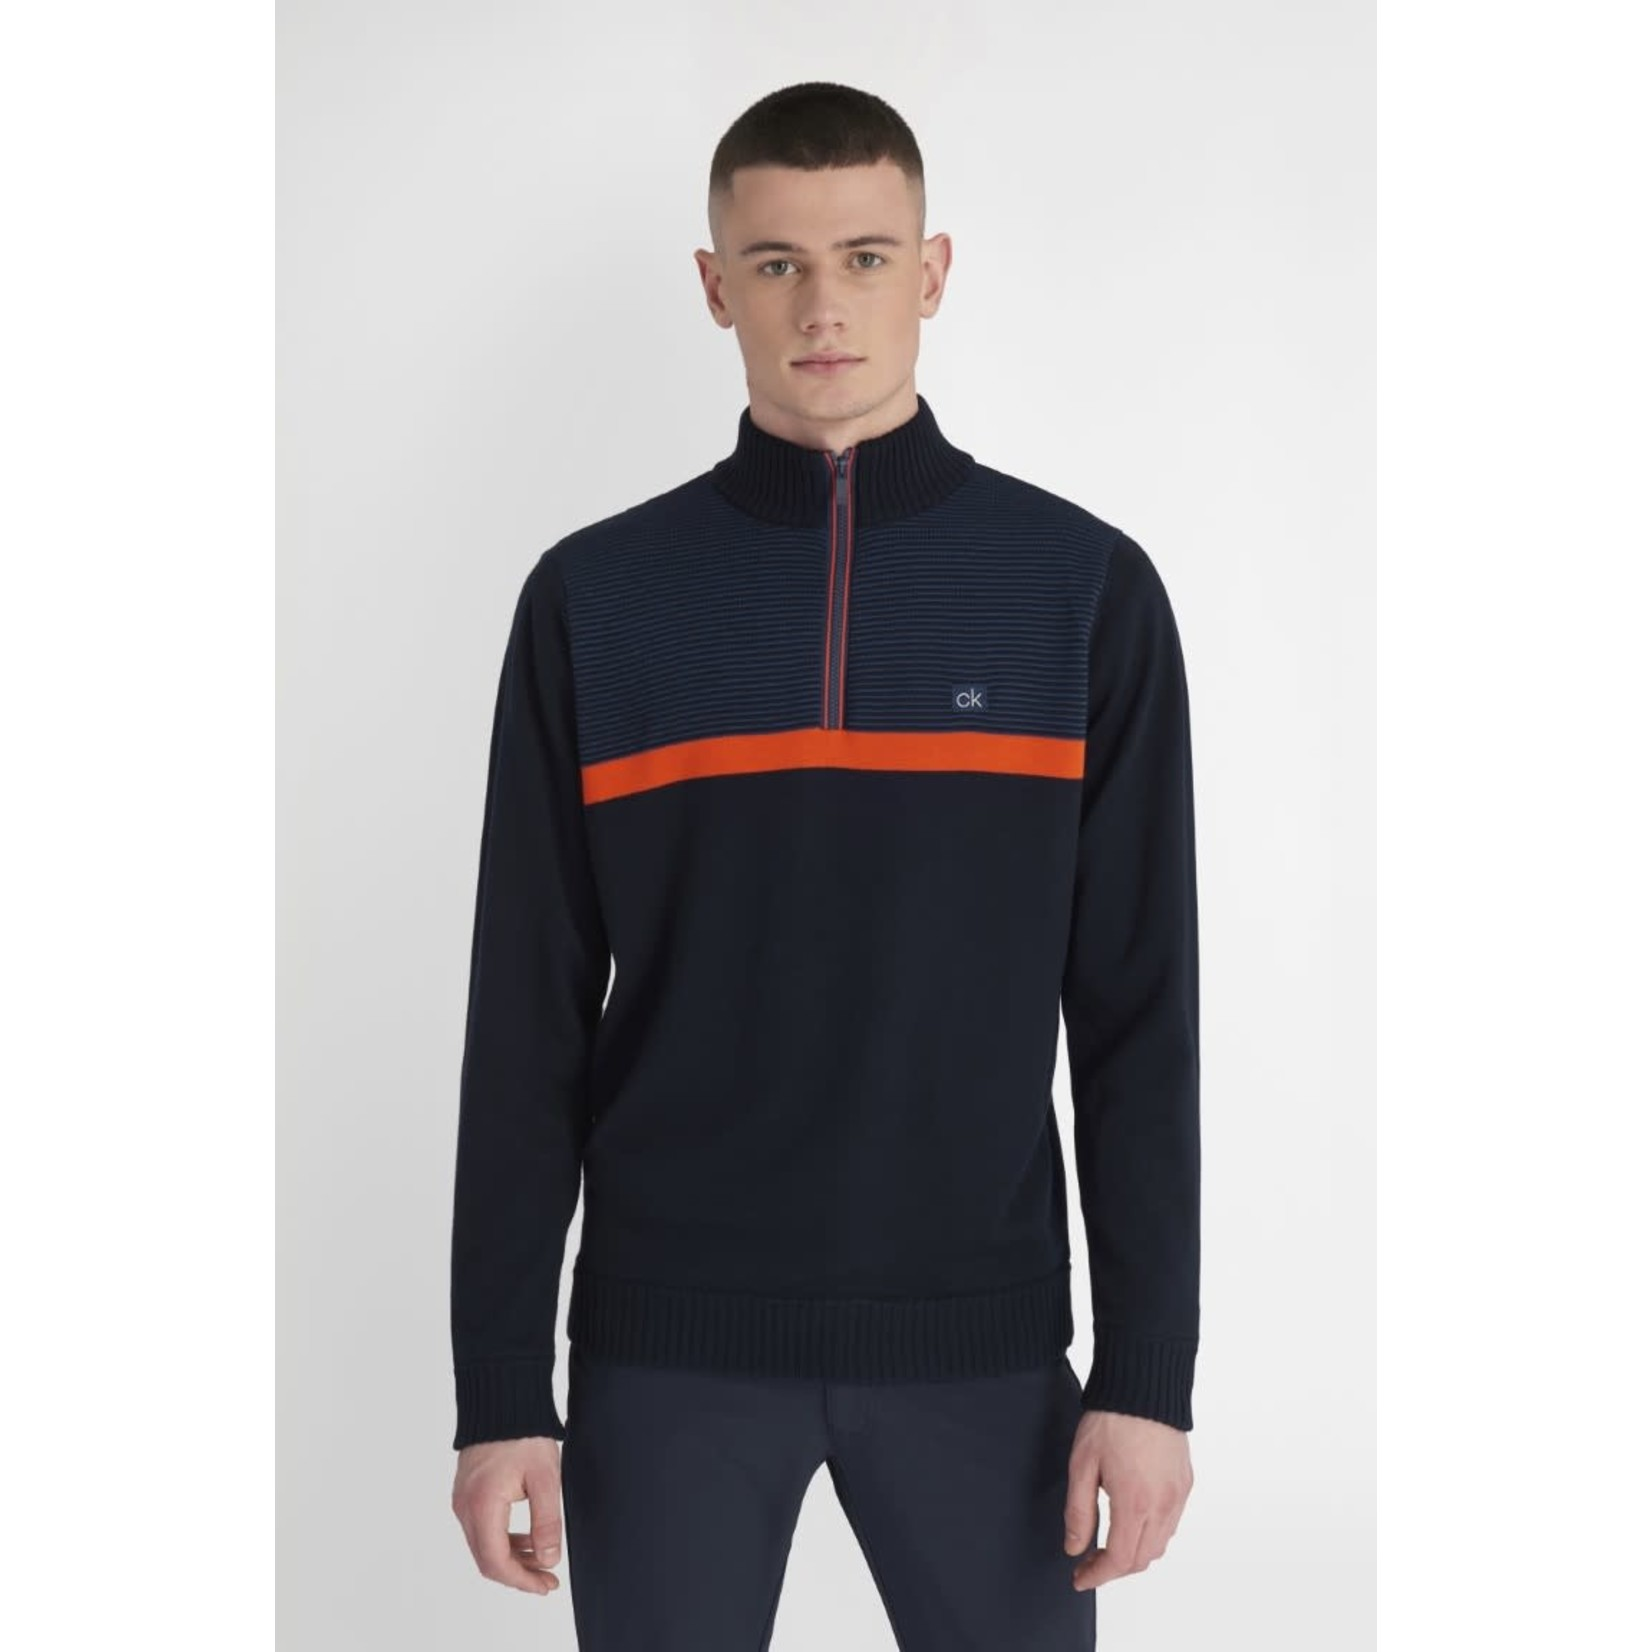 Calvin Klein Calvin Klein Magnet Half Zip Lined Sweater - Navy/Blaze